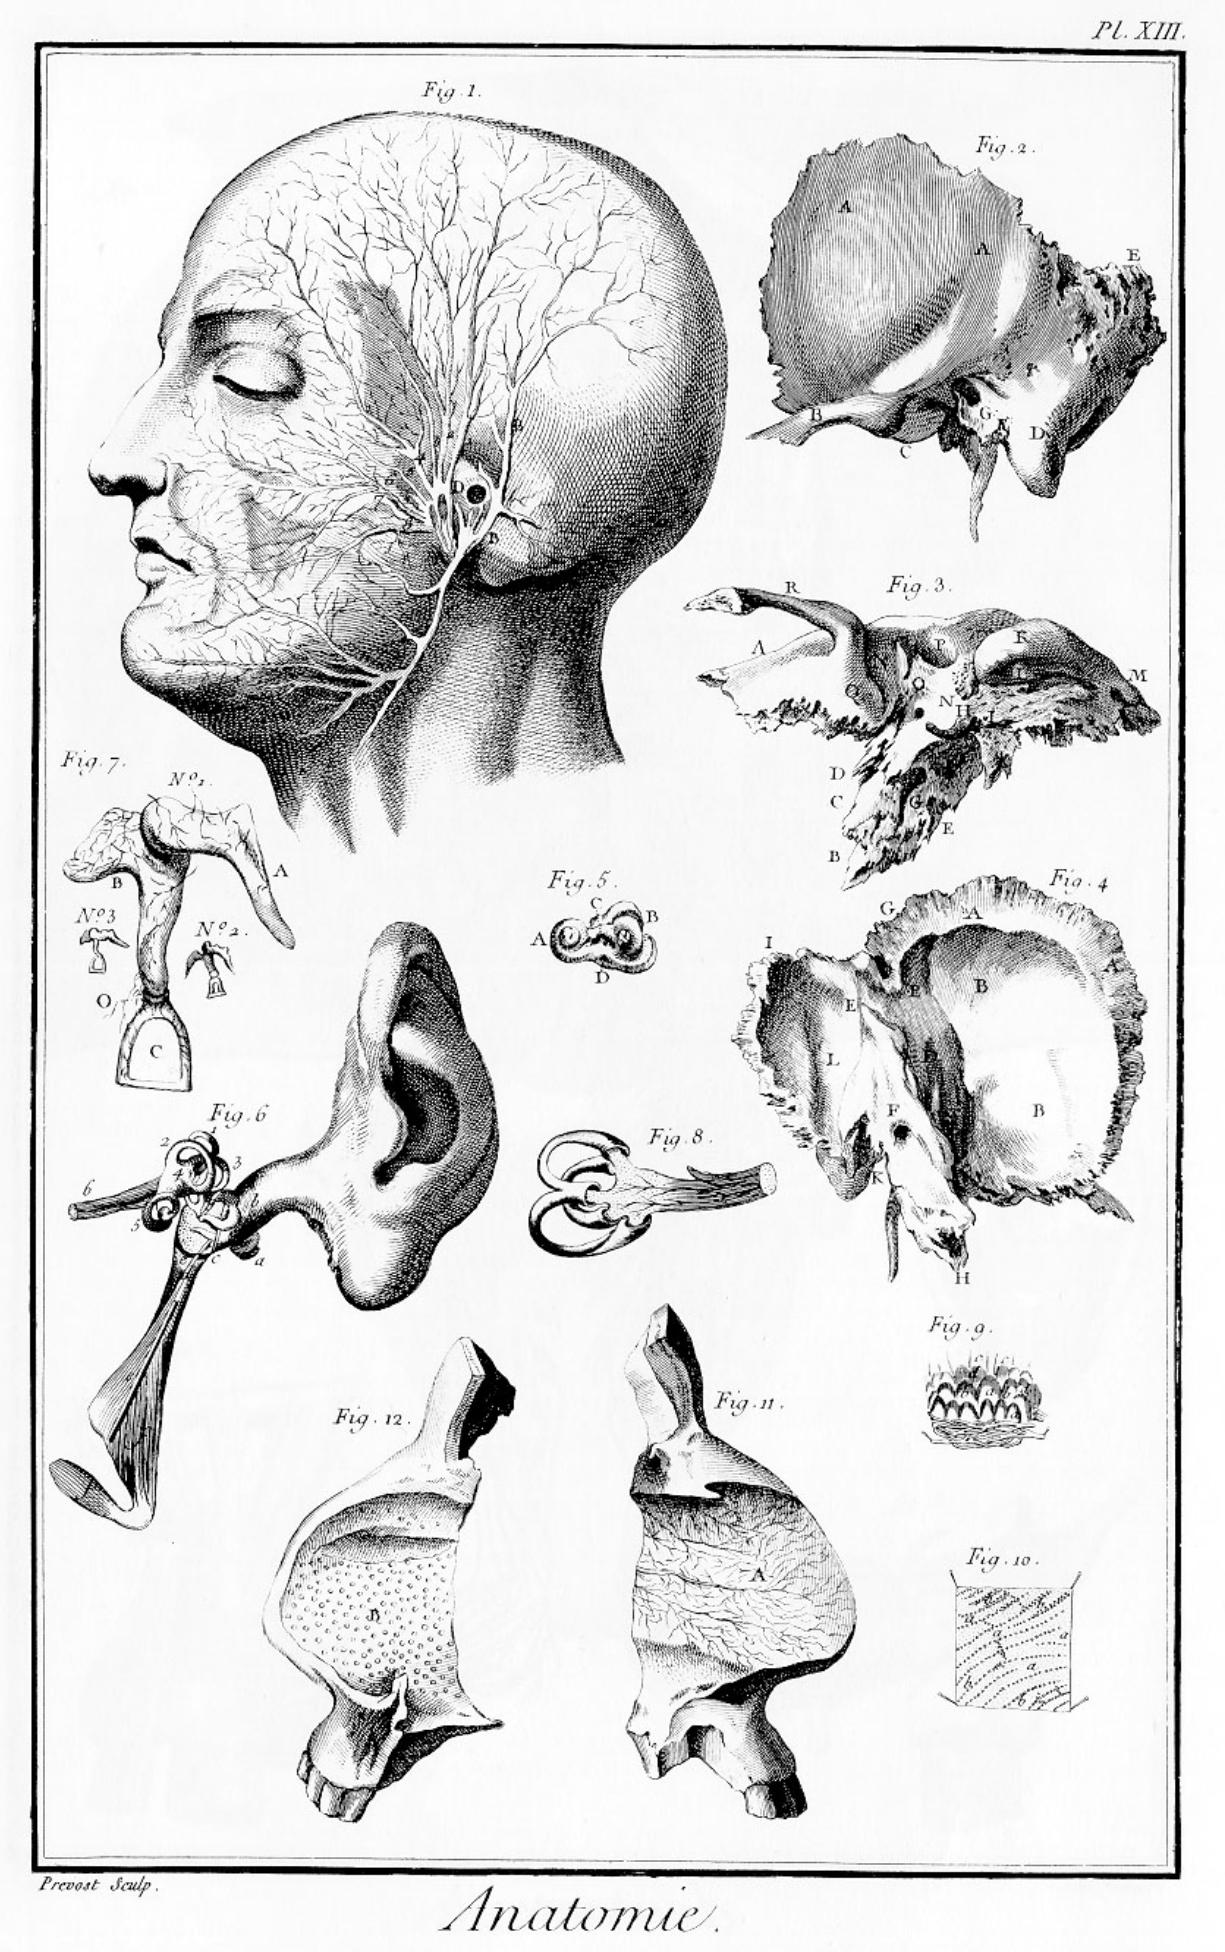 «Anatomie», gravure de Prevost, premier volume des planches de l'Encyclopédie, Paris, 1762